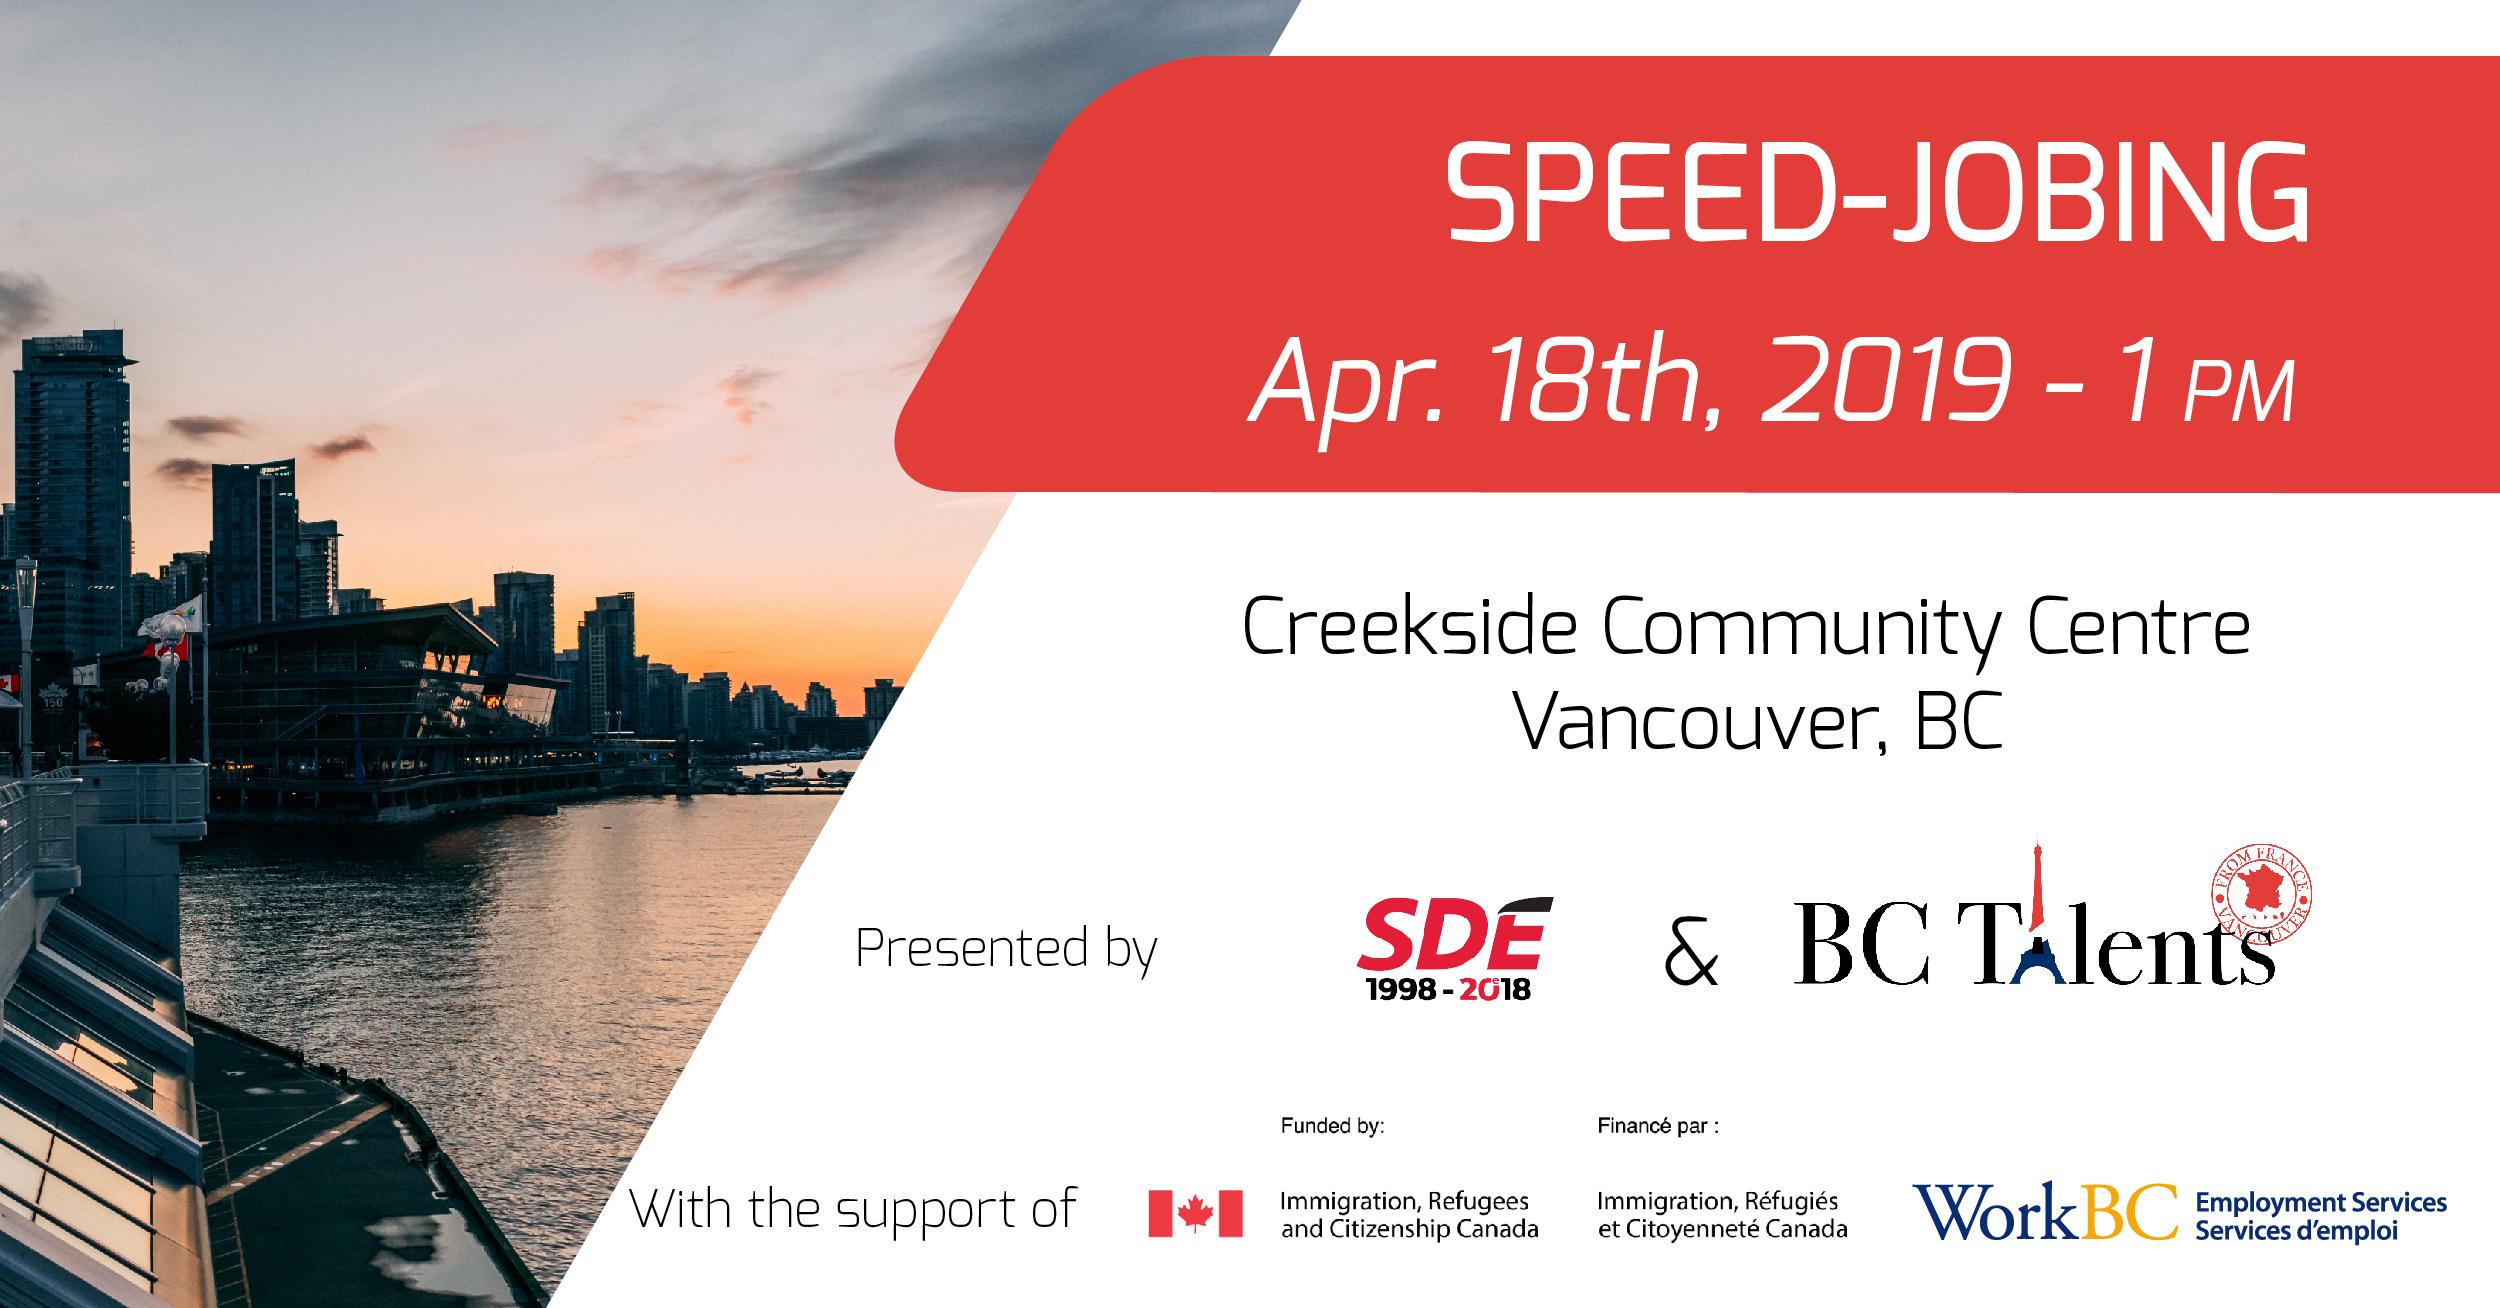 Speed-Jobing Spring 2019